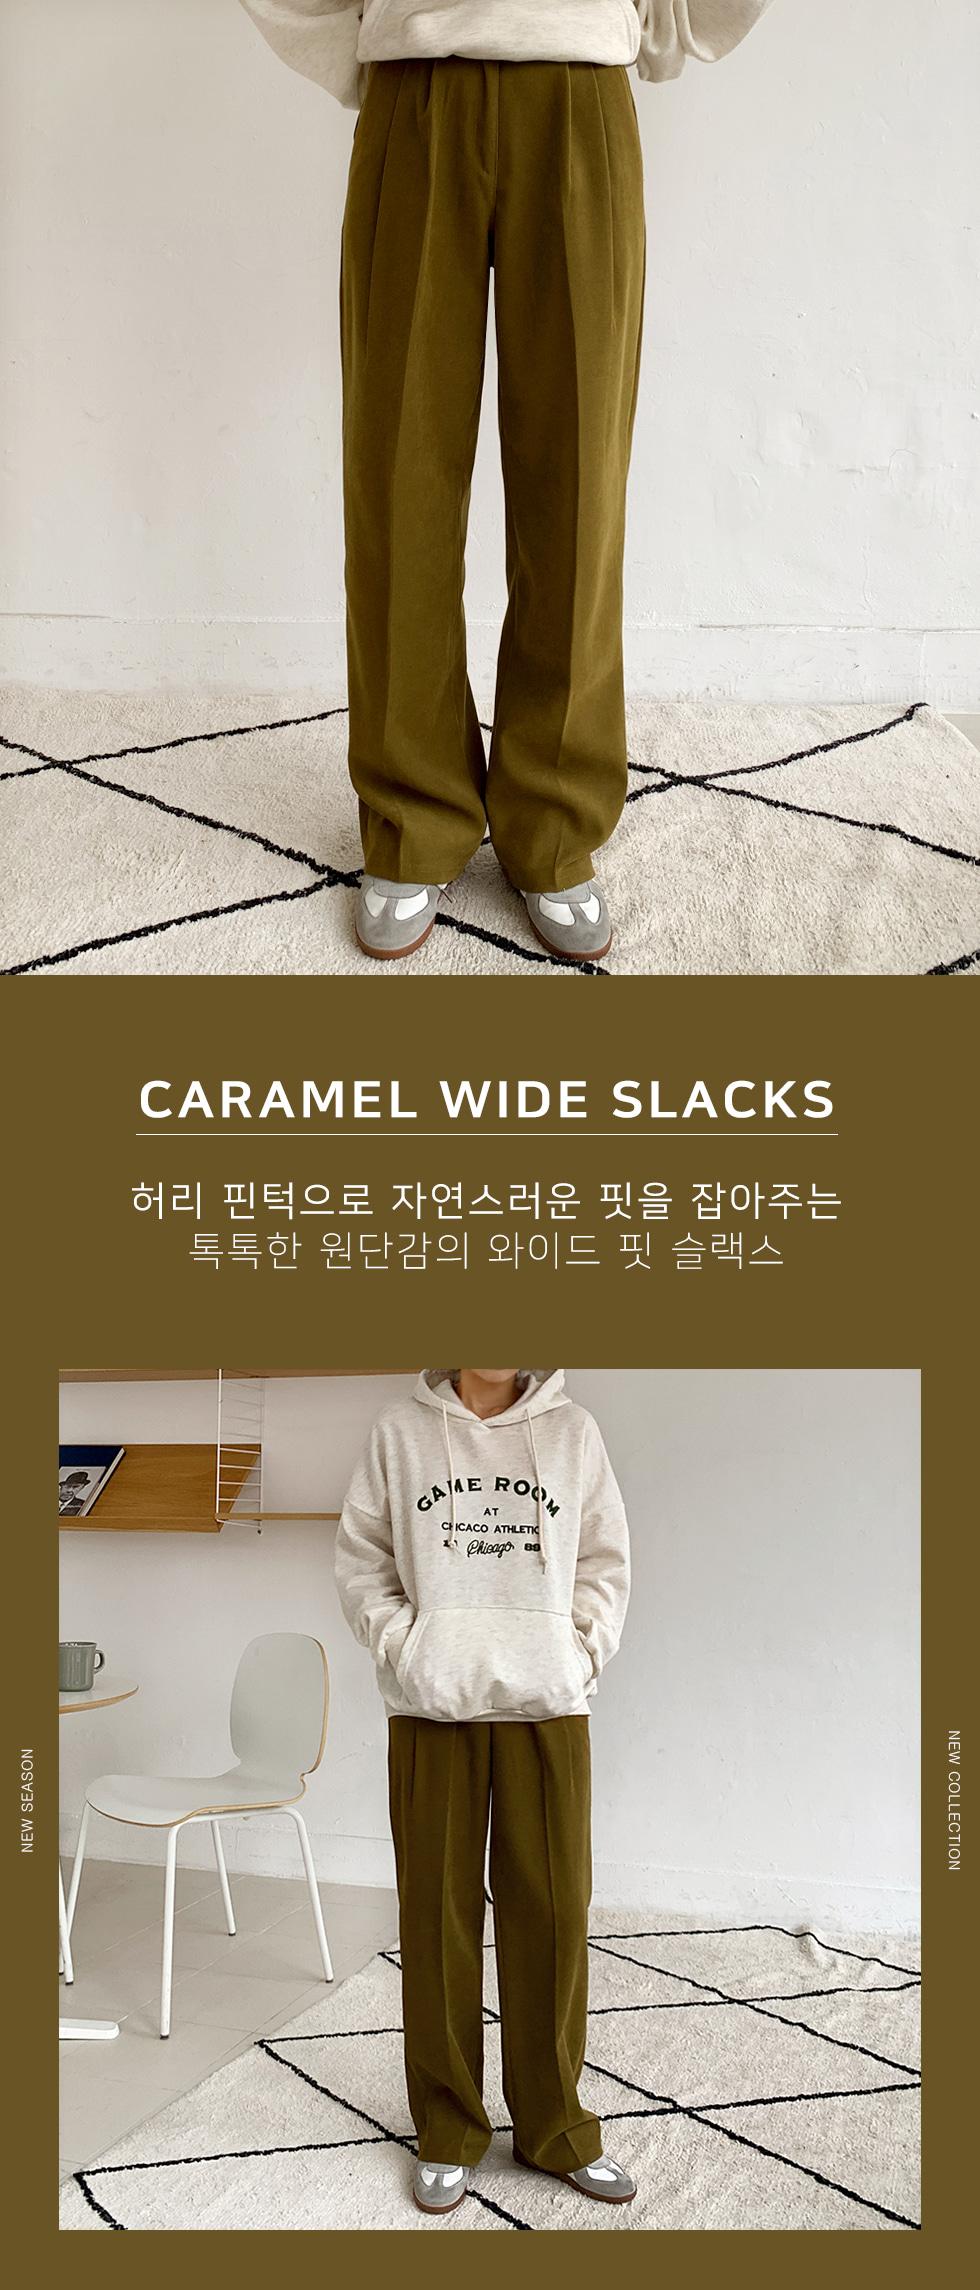 Caramel Wide Slacks